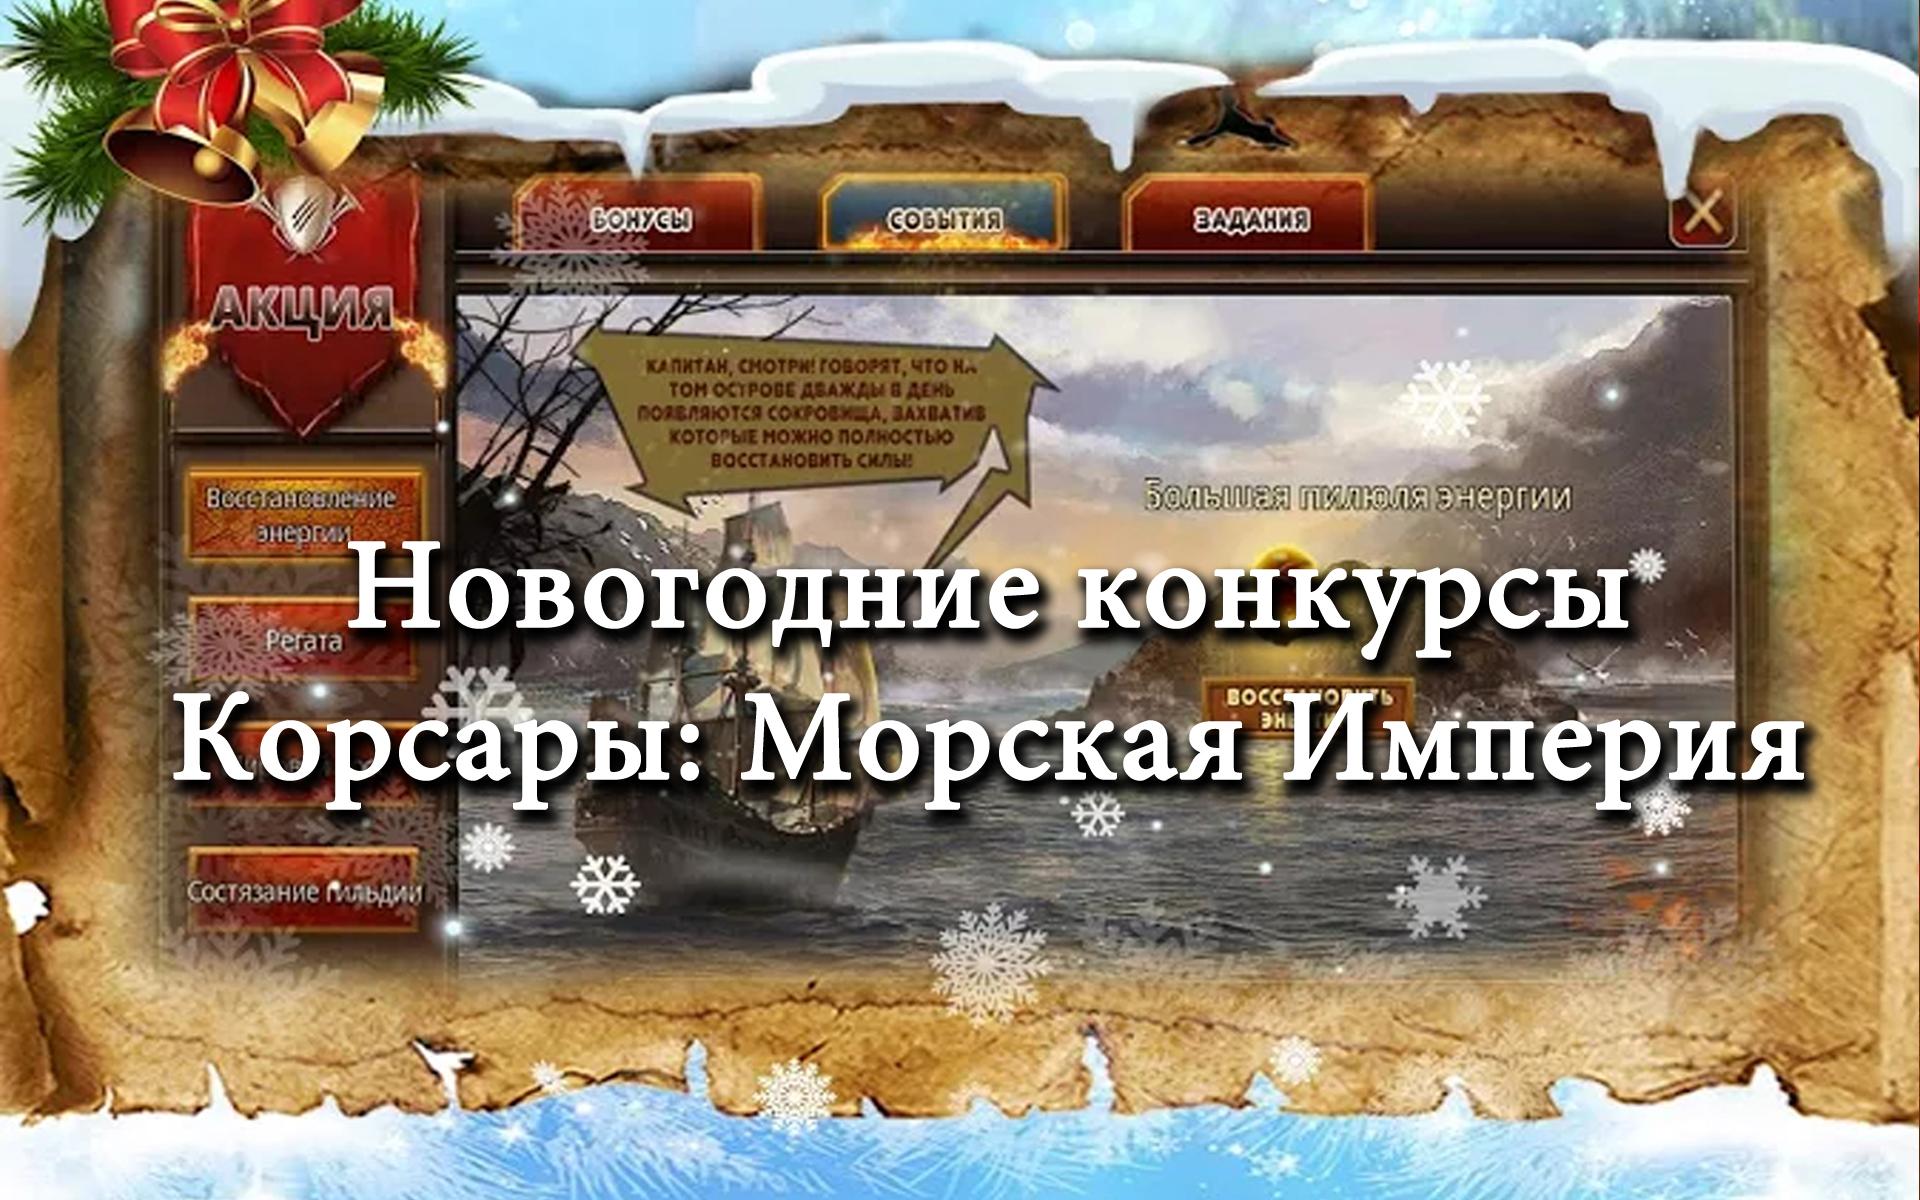 «Корсары Морская Империя», новогодние акции, скидки и события! (2)